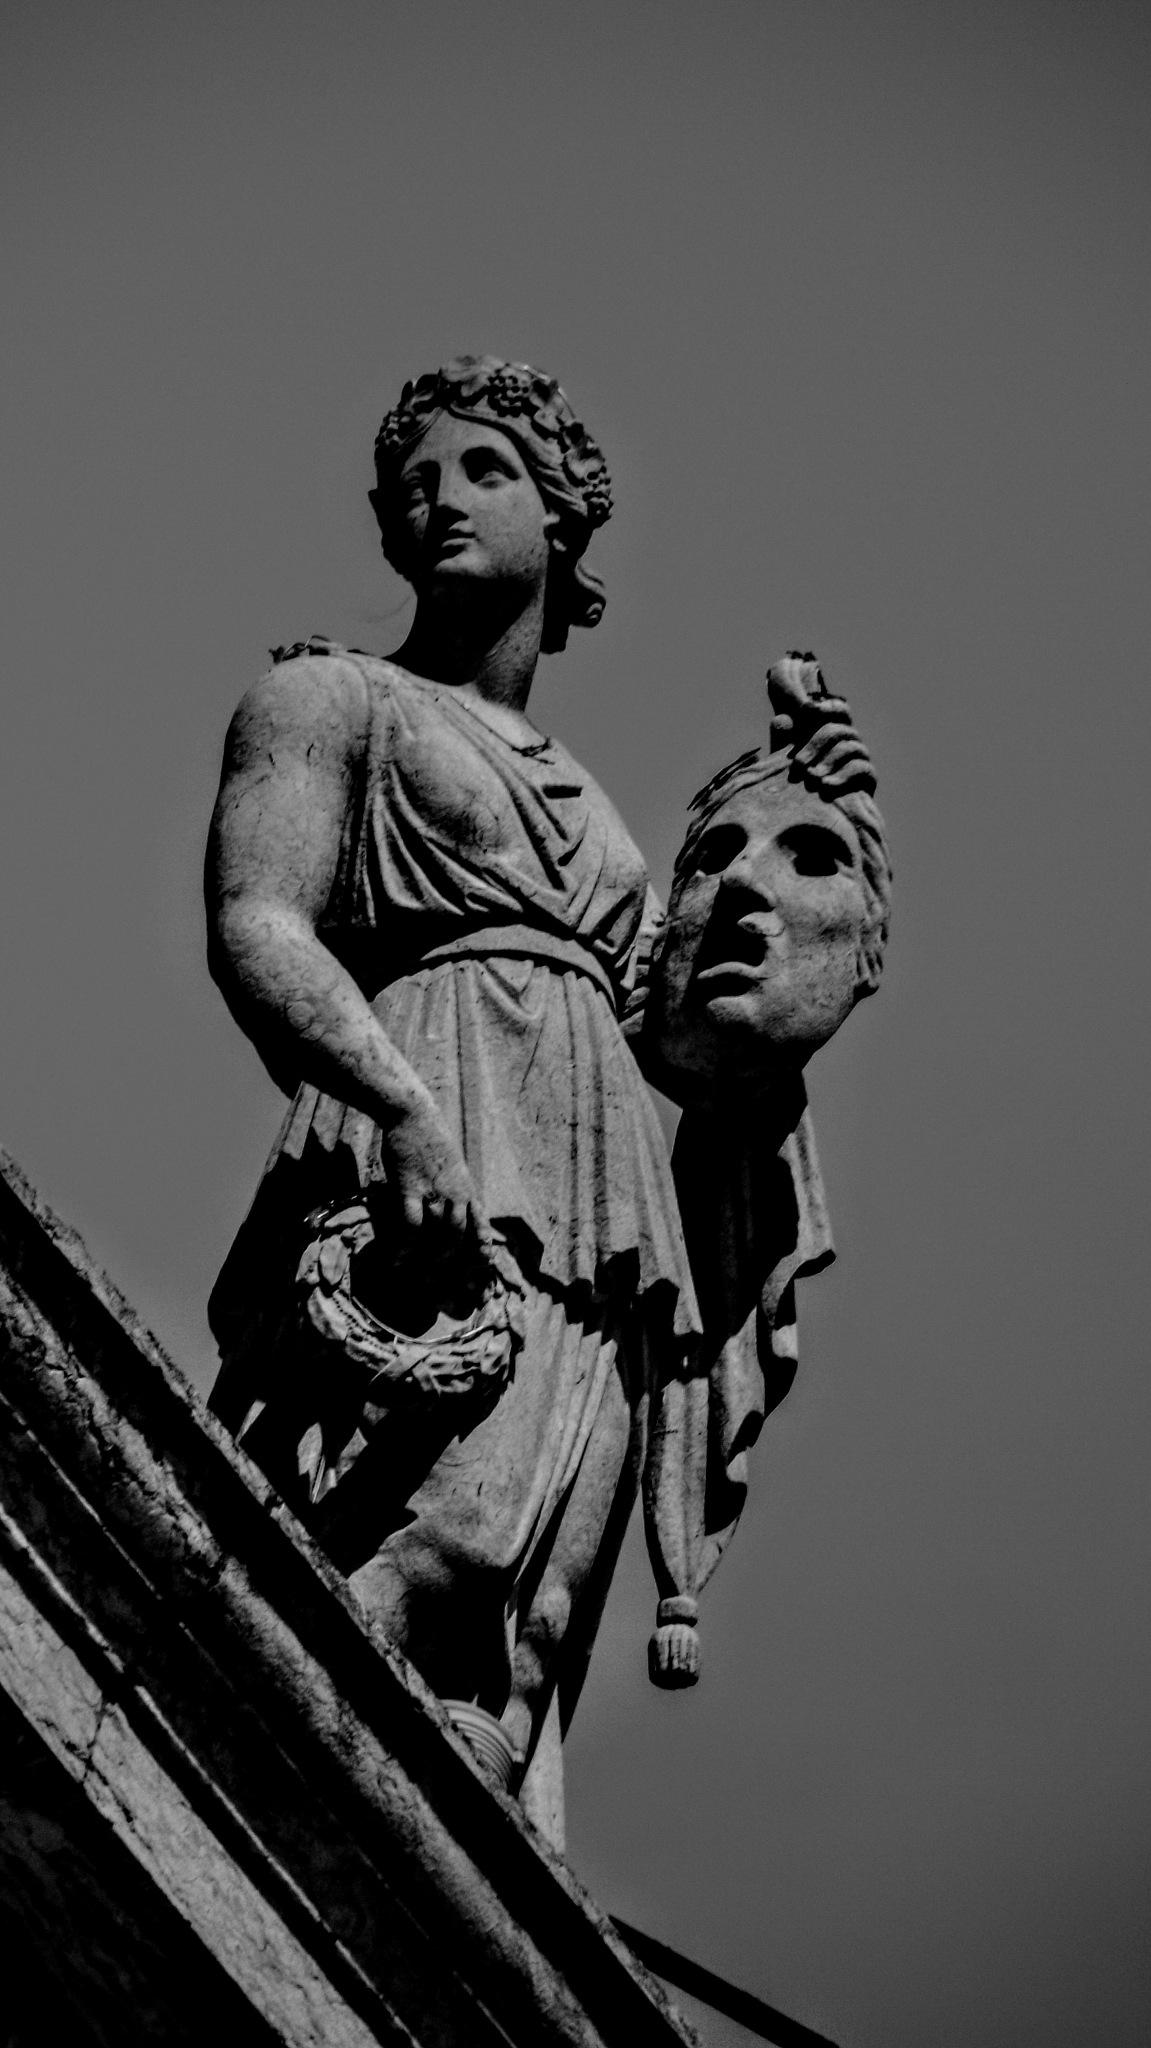 Diosas de piedra  by Ronald Duverge